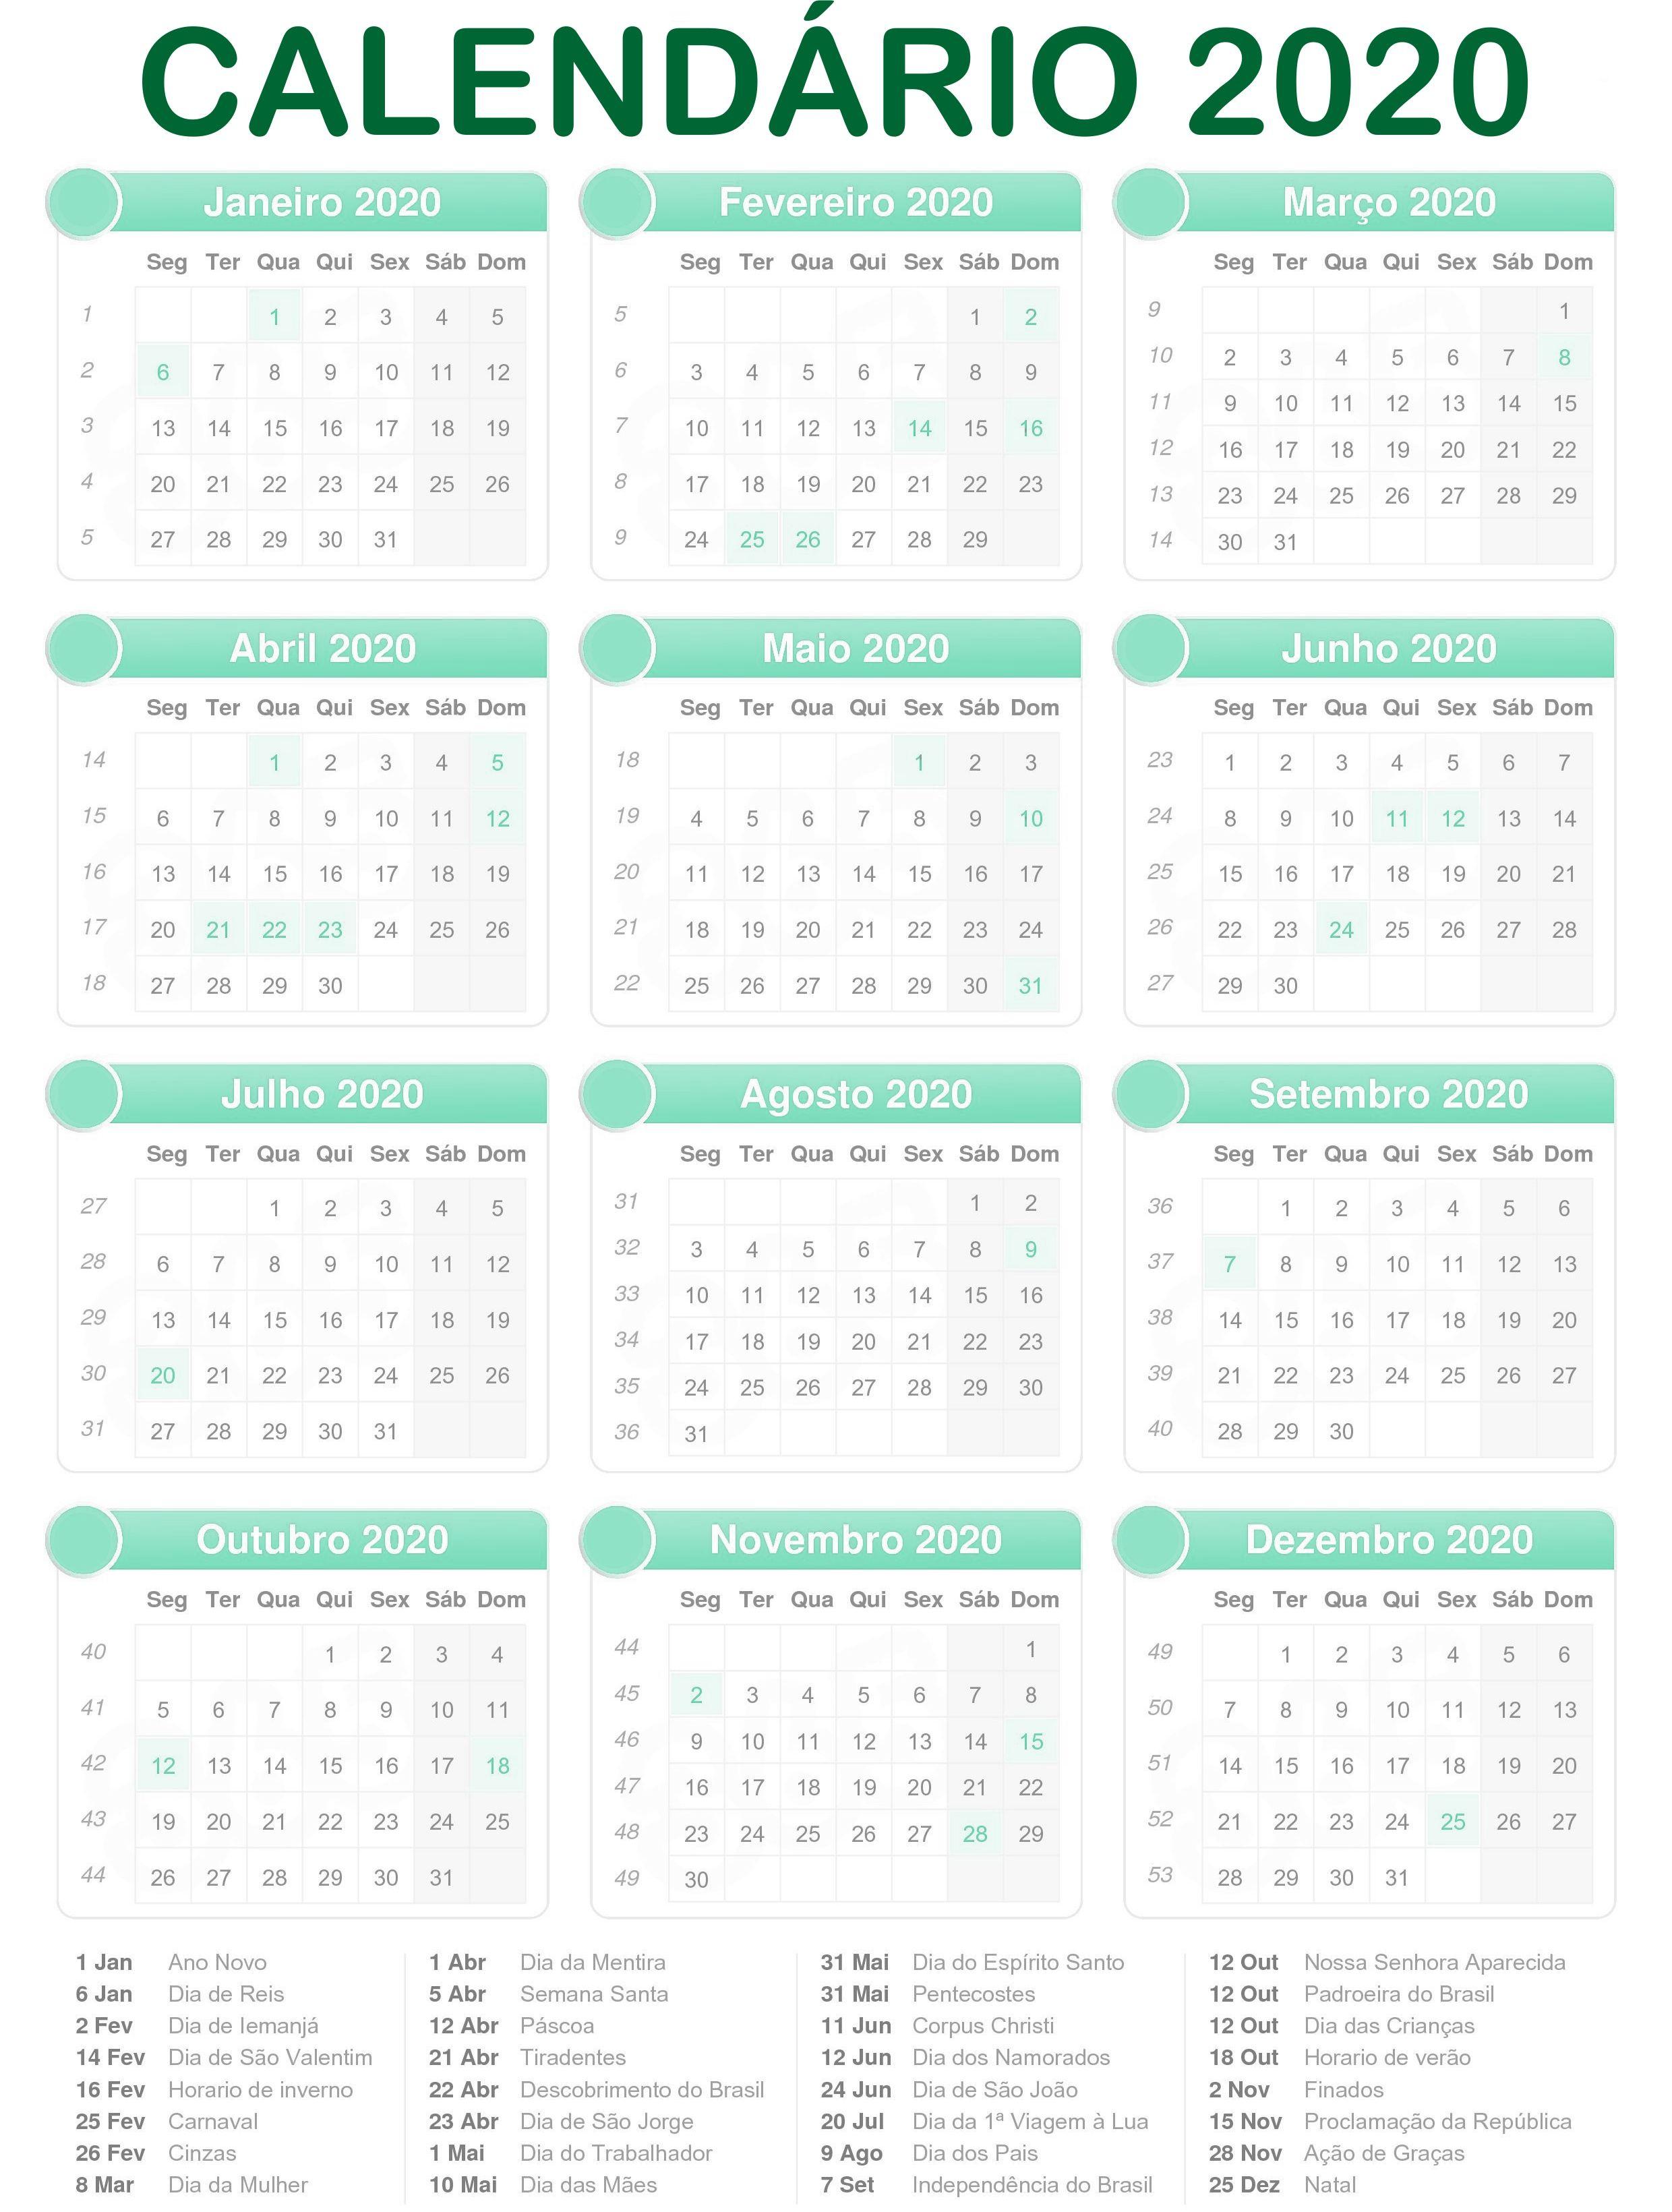 Calendario D 2020